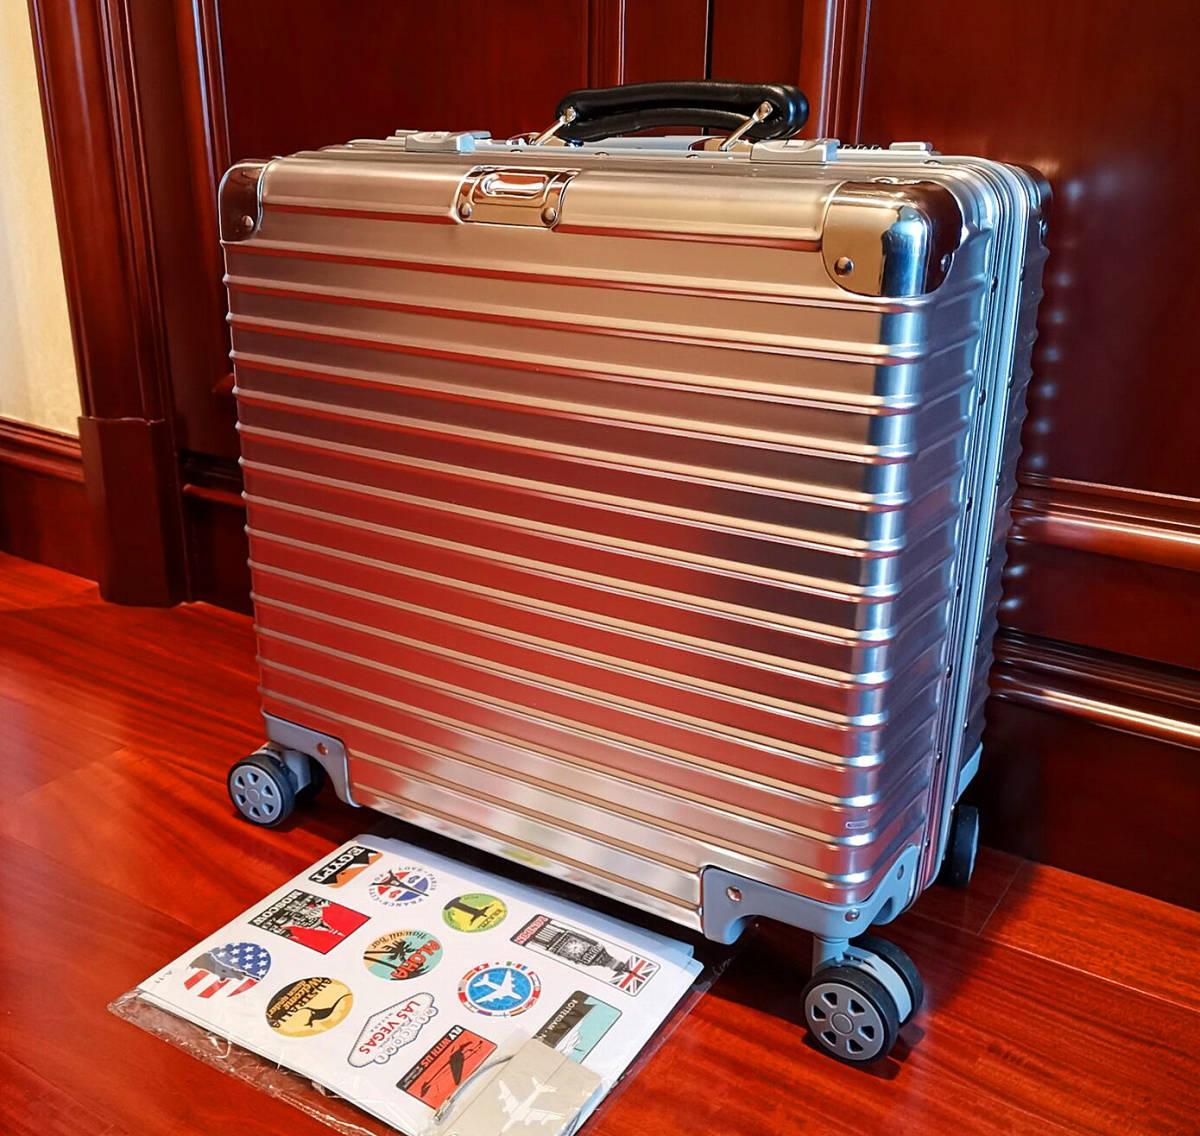 最高品質※EU基準・定価10万円※オールアルミマグネシウム合金製・軽量/静音・TSAロック搭載スーツケース※機内持ち込可 /限定ステッカー付_画像3